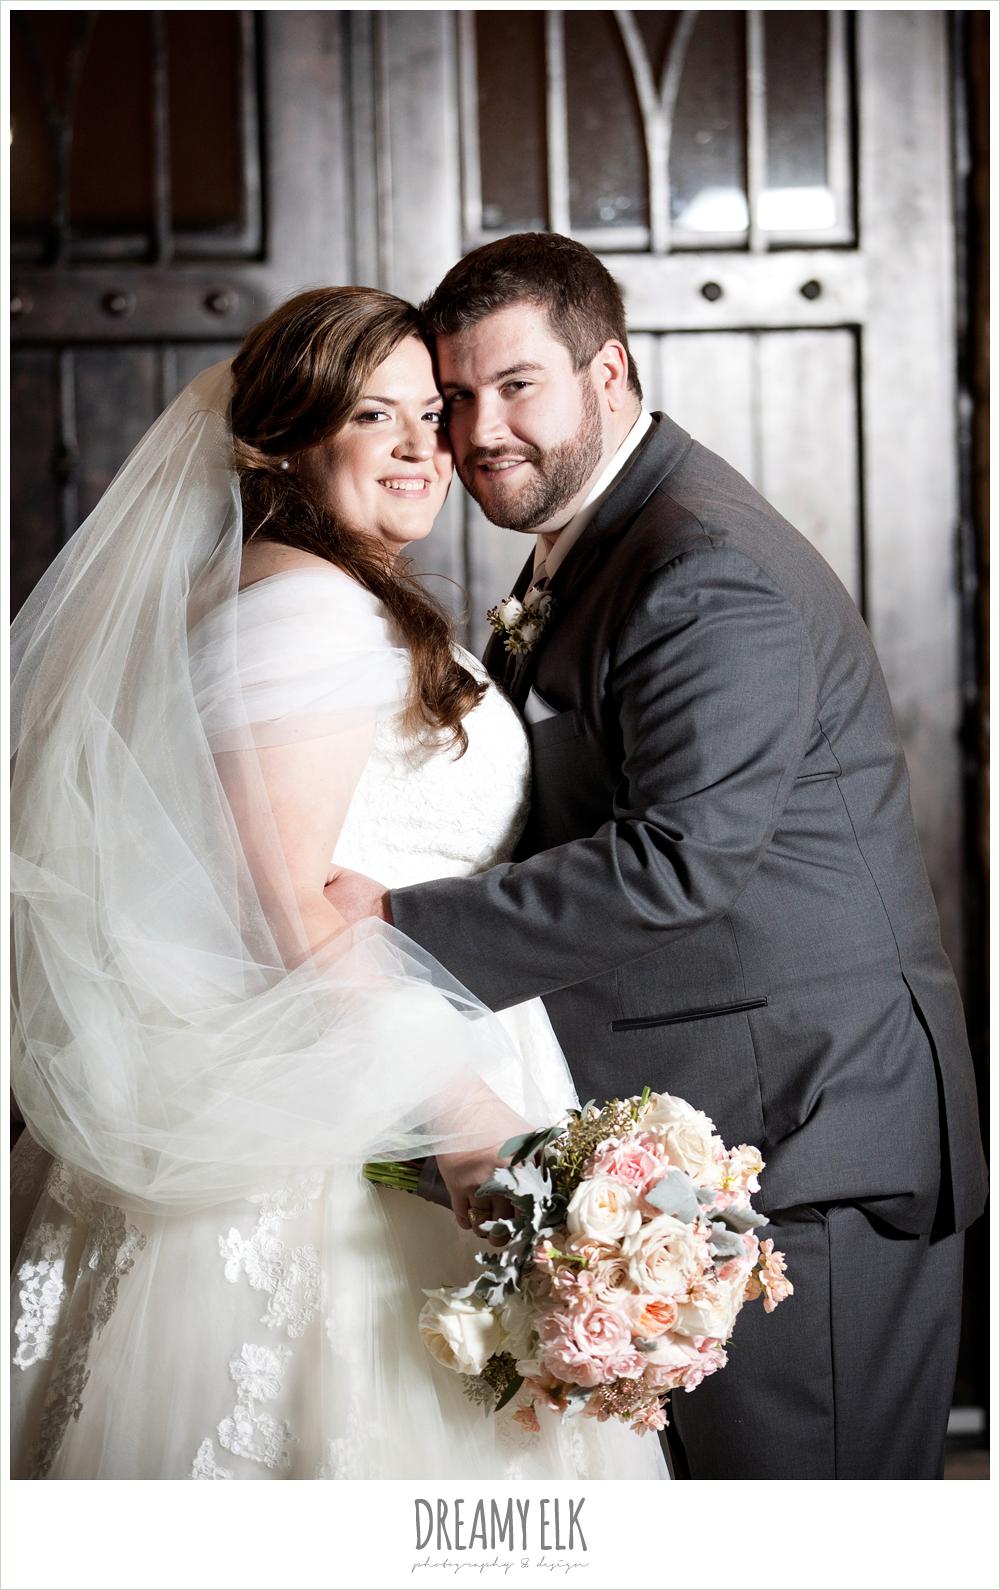 joy & thomas, the wedding photo contest